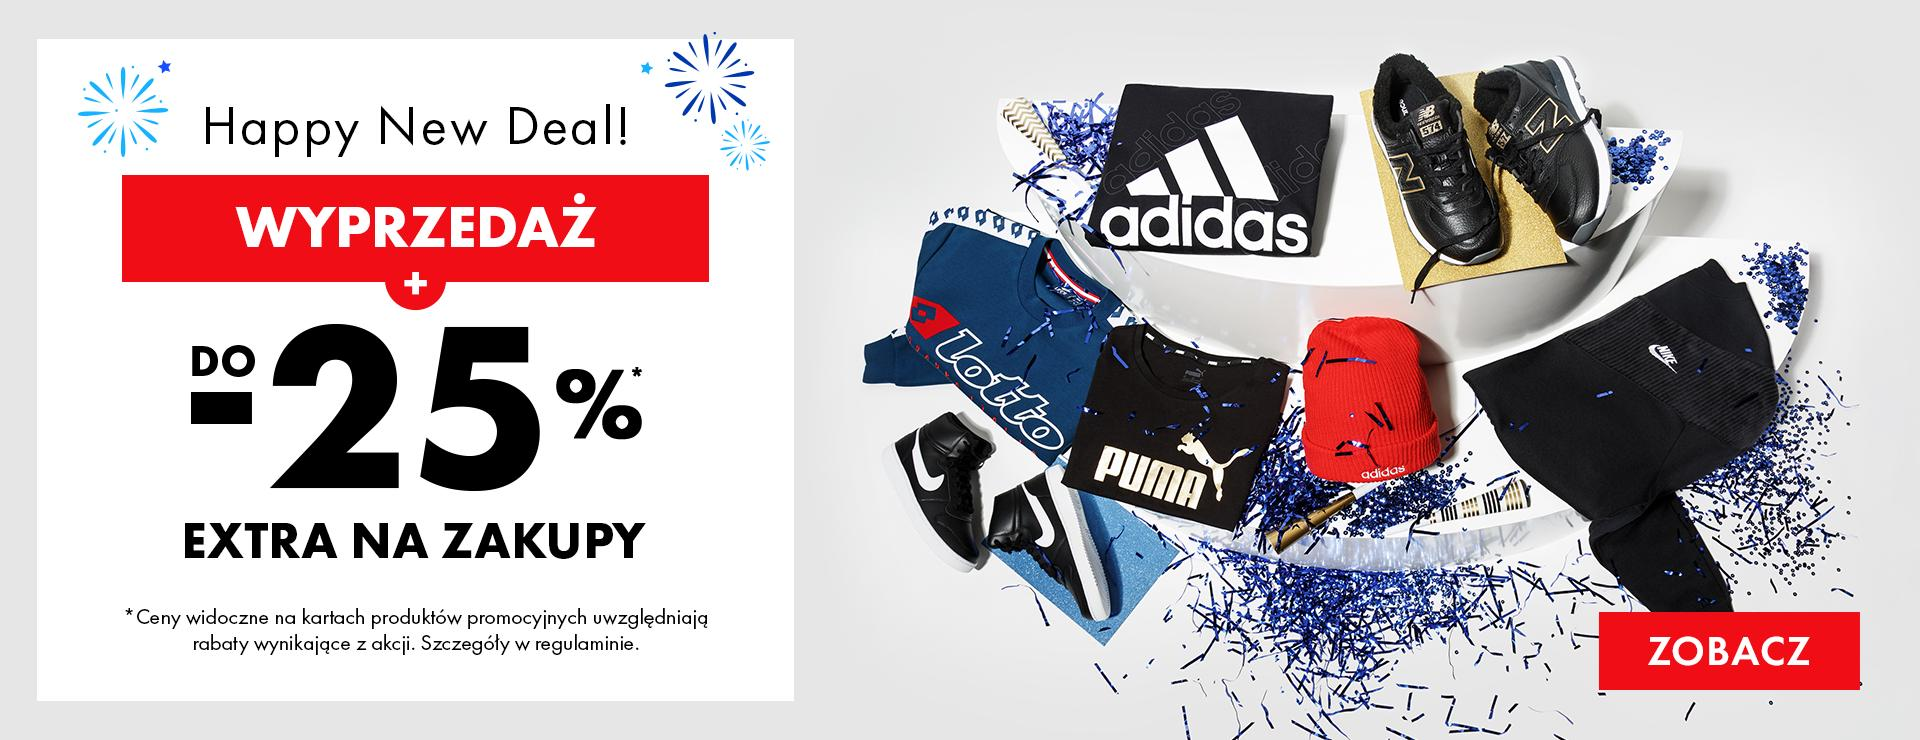 50Style: do 25% zniżki na odzież, obuwie oraz akcesoria sportowe - Happy New Deal